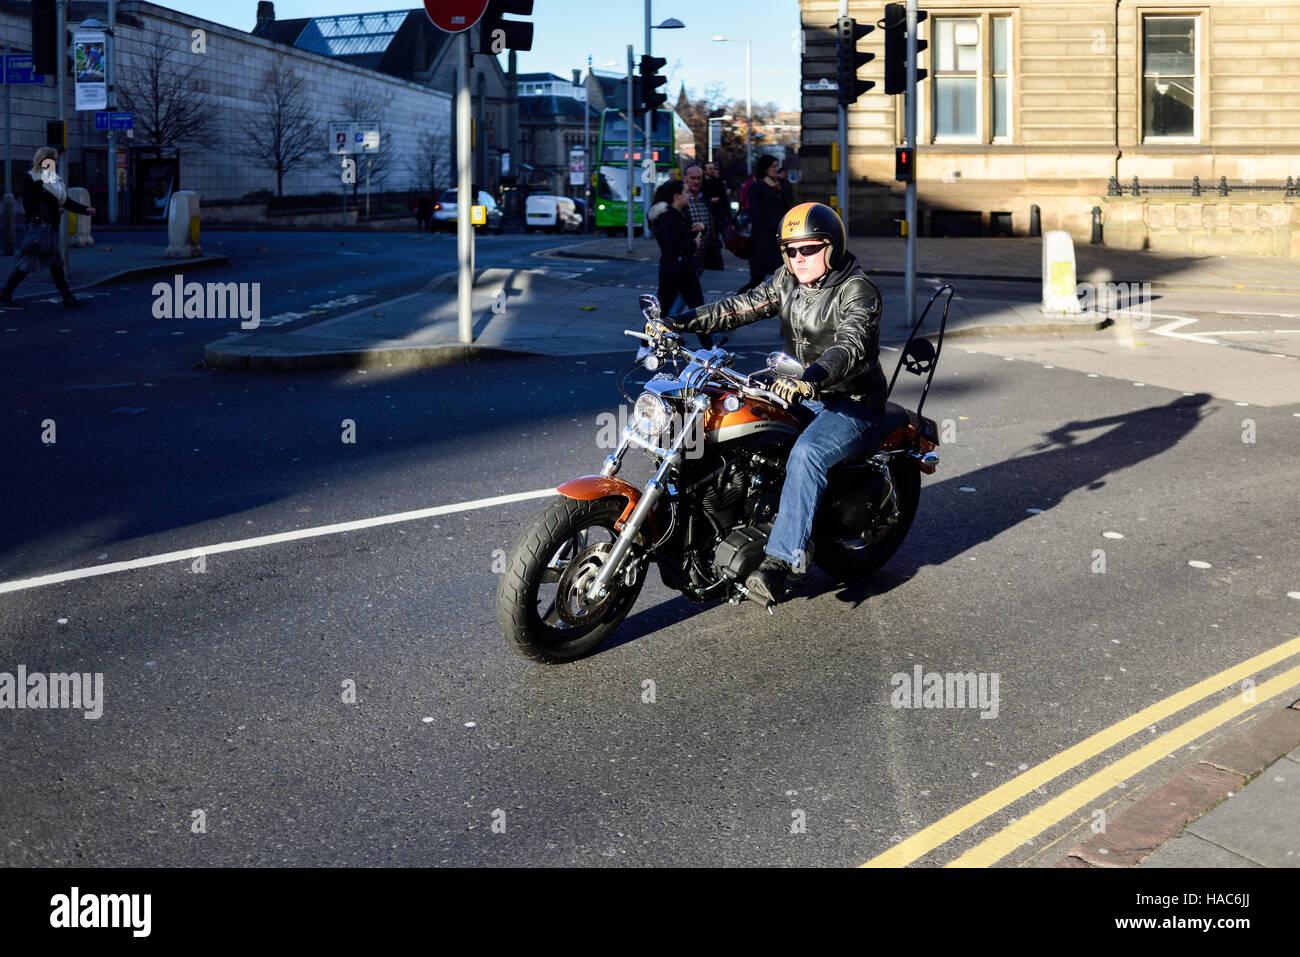 Harley Davidson Motorcycle Rider ,UK. - Stock Image